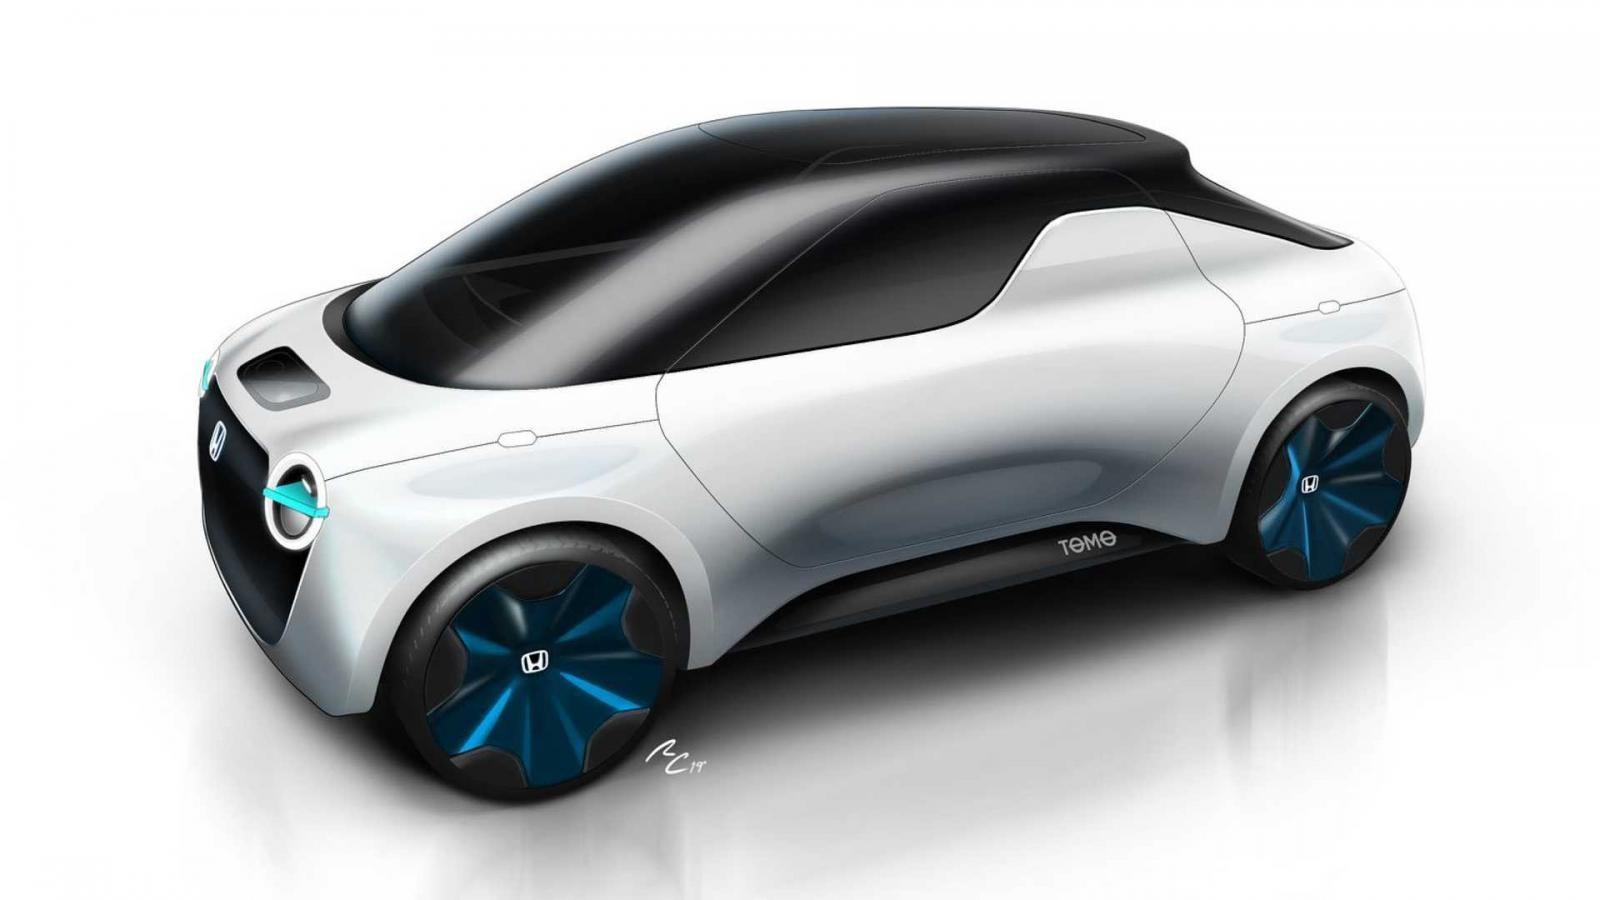 Tomo là một phương tiện nhỏ gọn với khả năng biến đổi từ dạng coupe sang bán tải